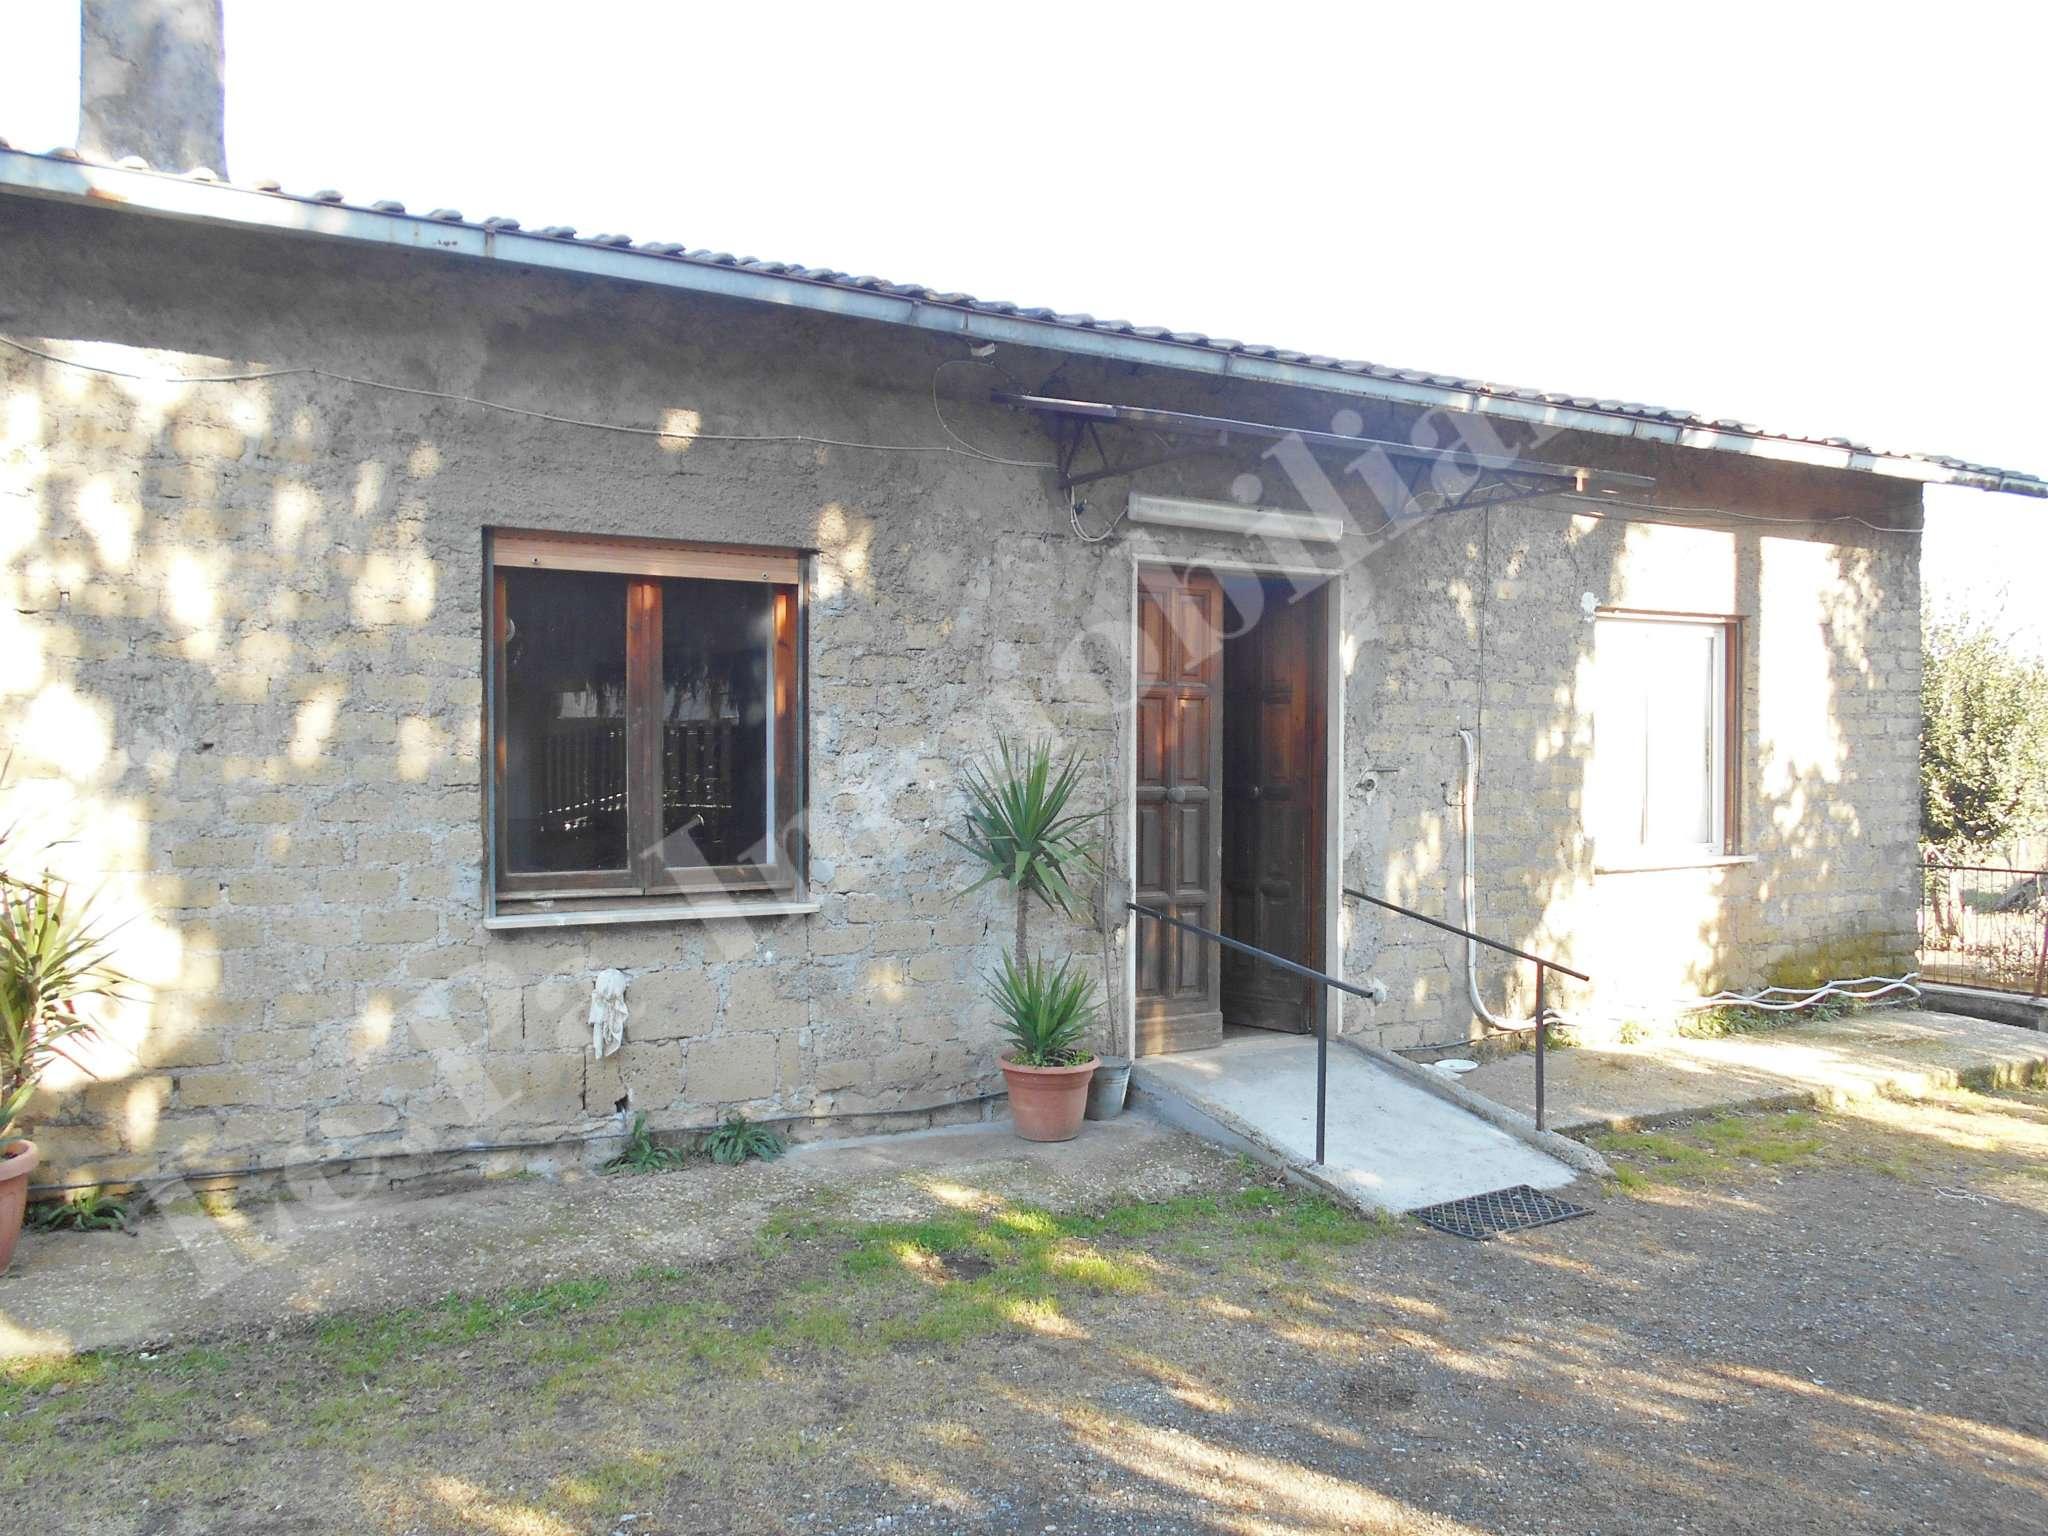 Villa in vendita a San Cesareo, 9 locali, prezzo € 225.000 | Cambio Casa.it